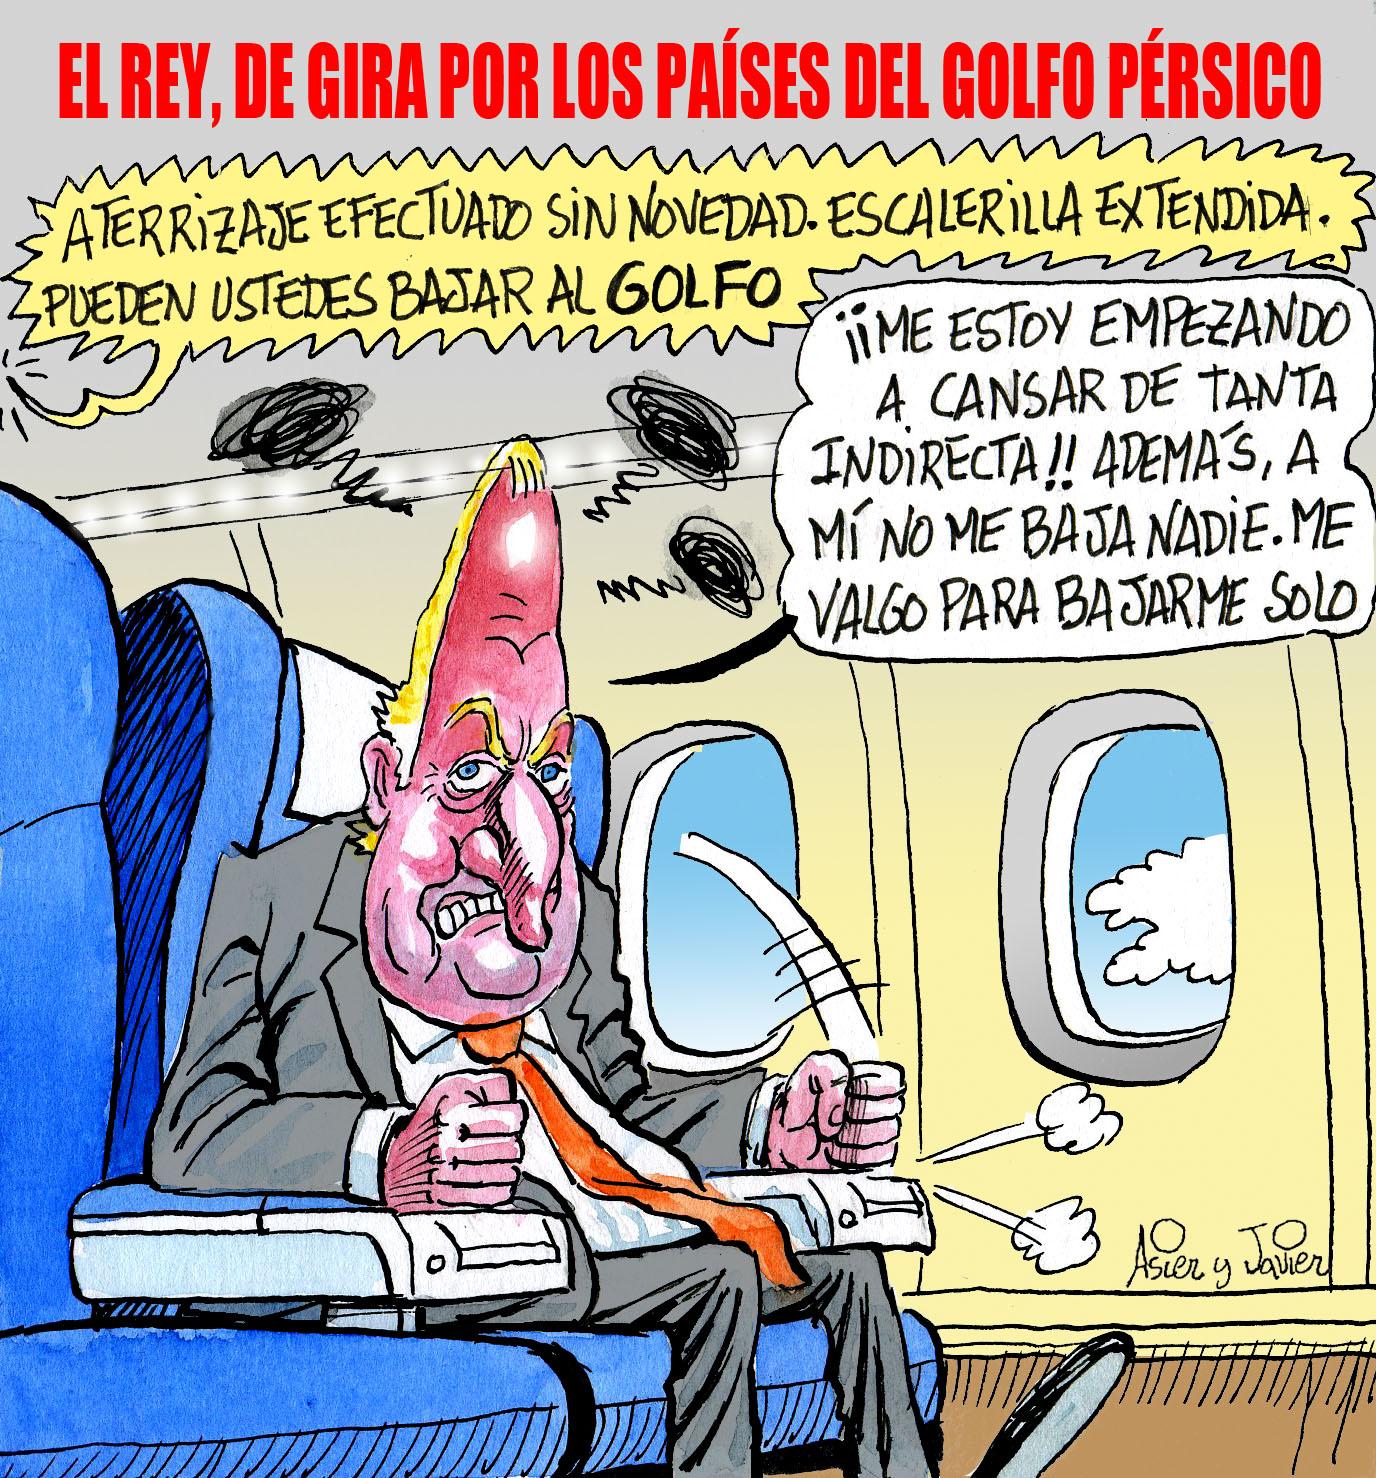 El Rey Juan Carlos, su avión y la gira por el Golfo Pérsico. España, Humor.